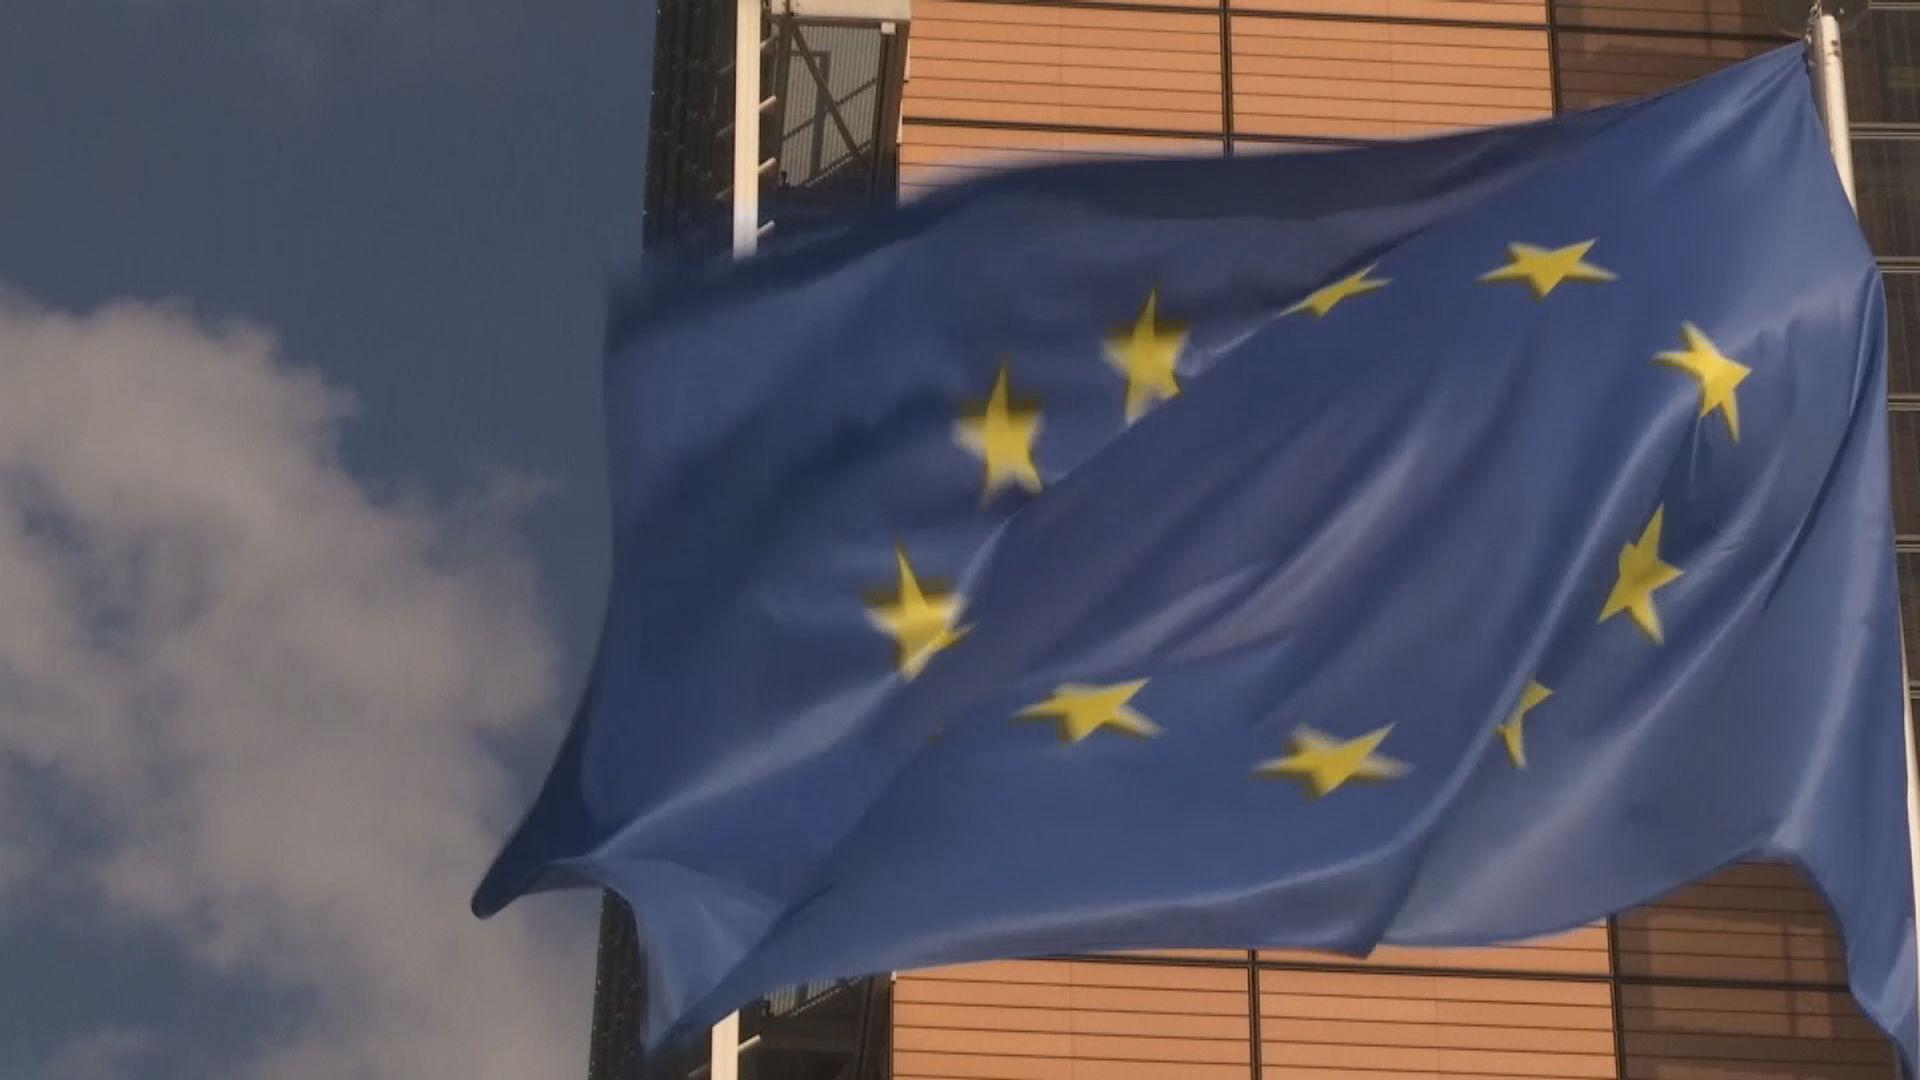 據報歐盟尋求英國延長脫歐過渡期